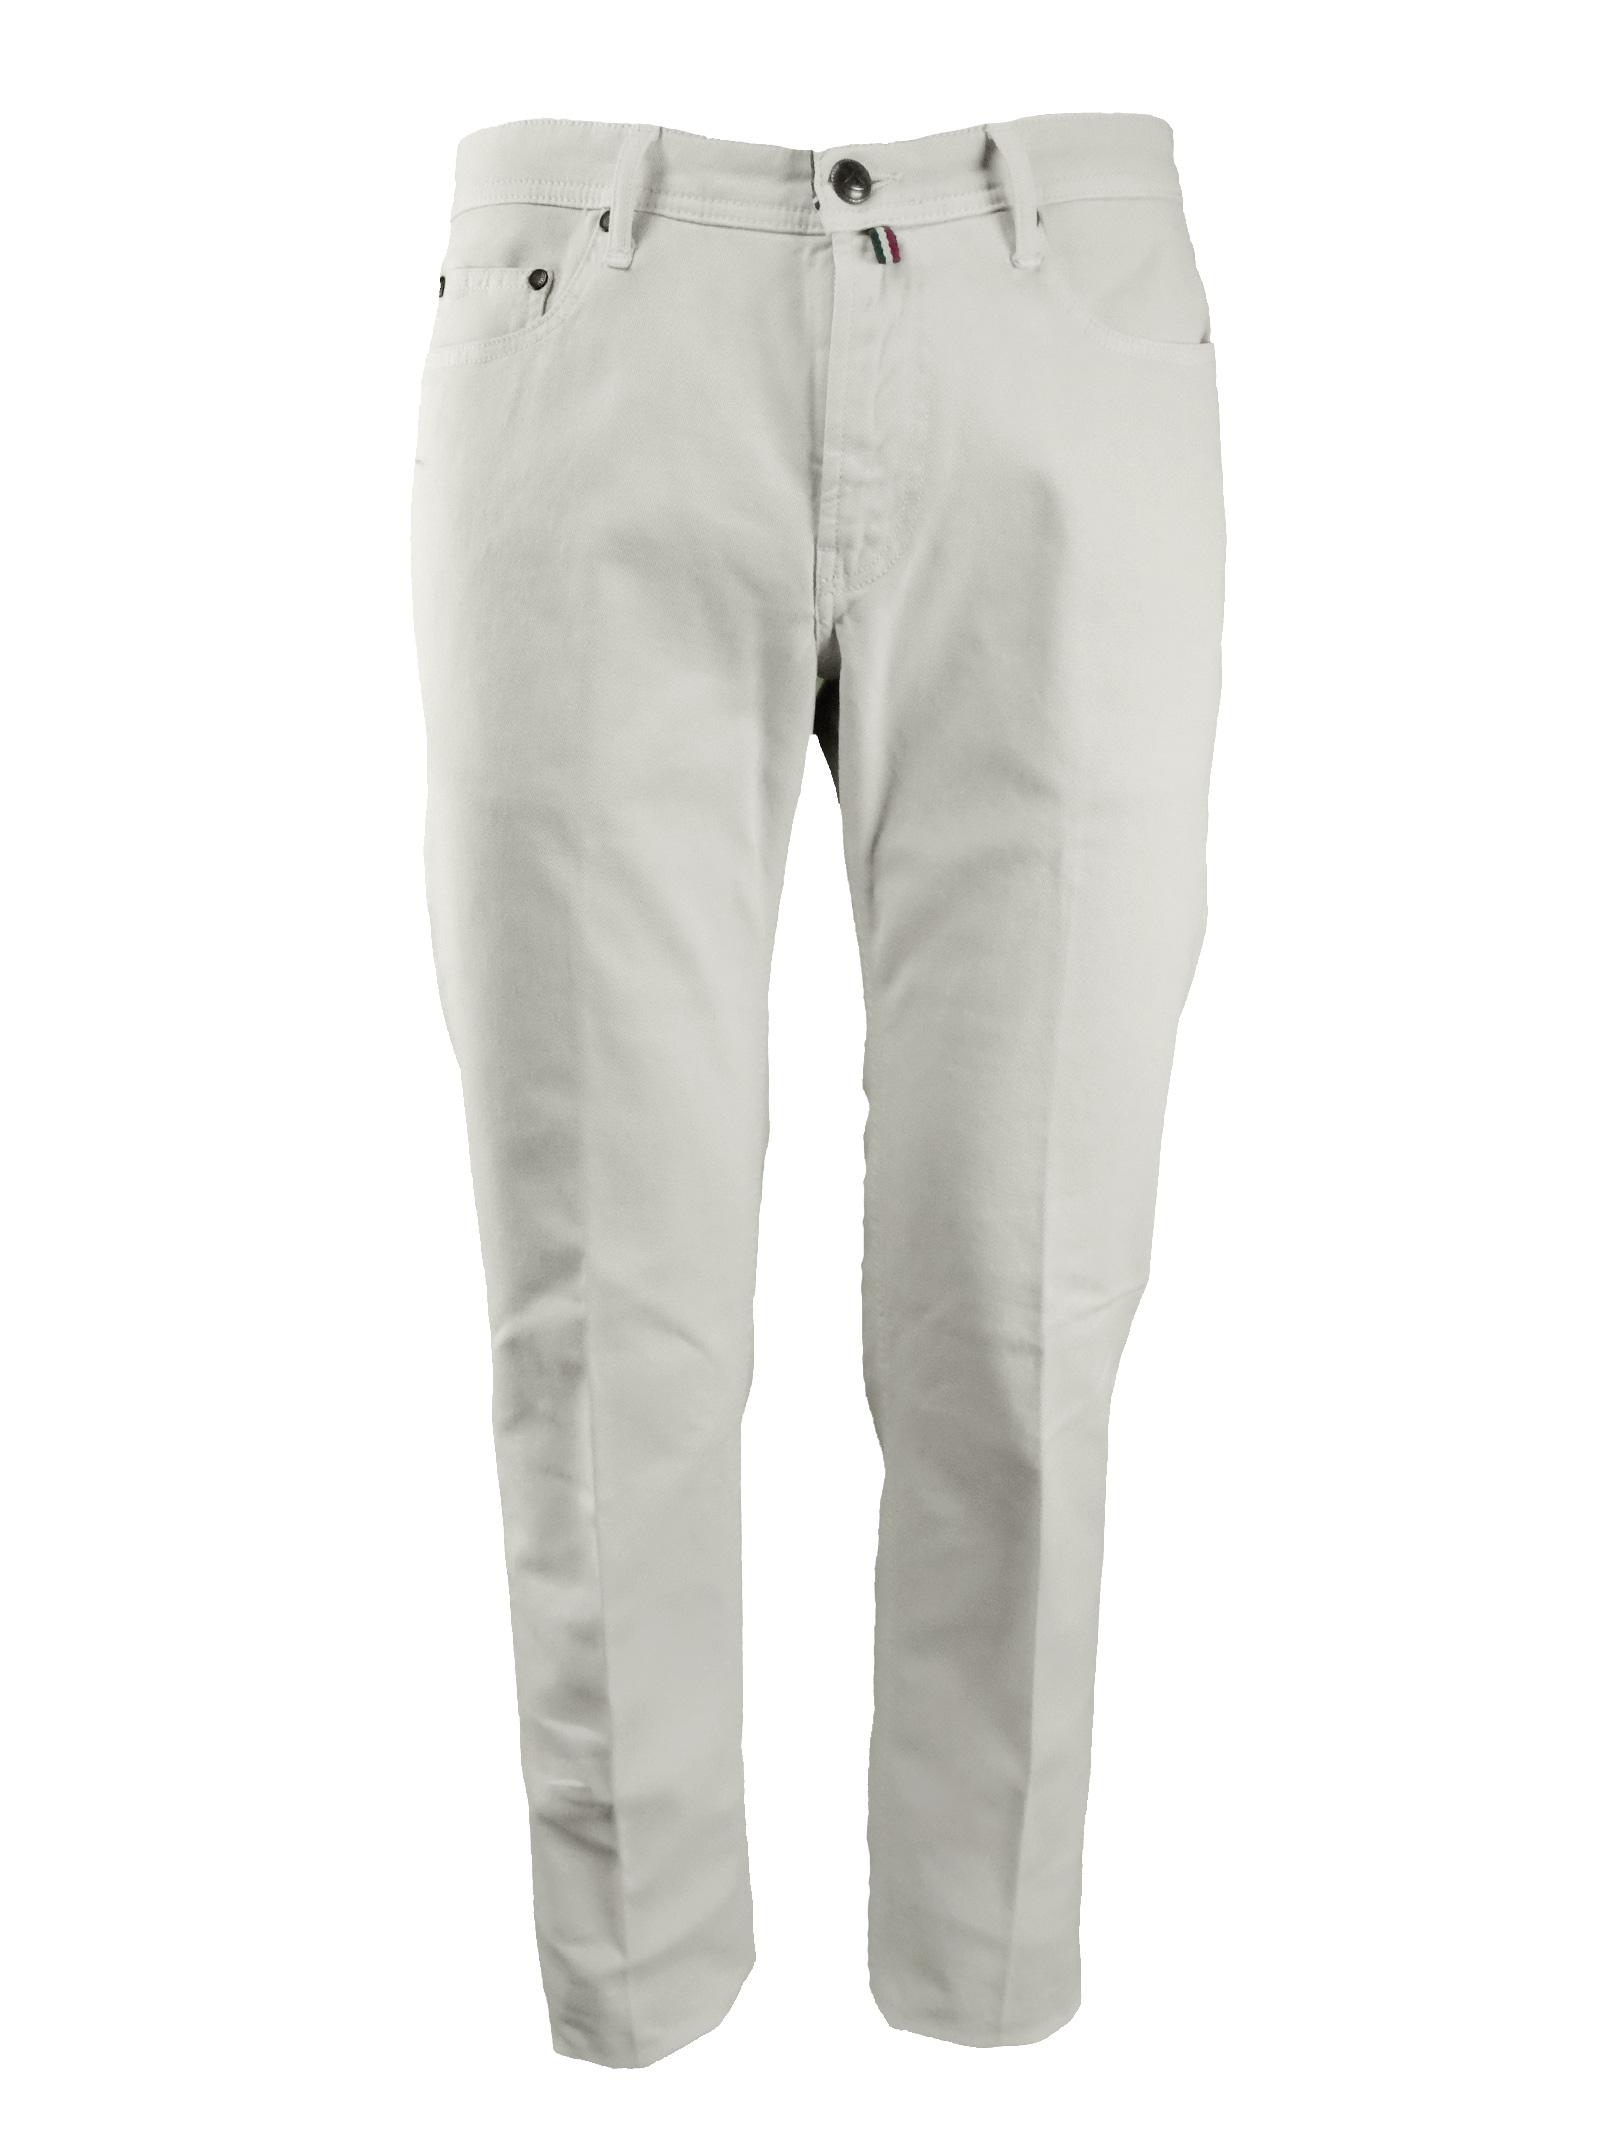 B700 | Jeans | JR704 803203